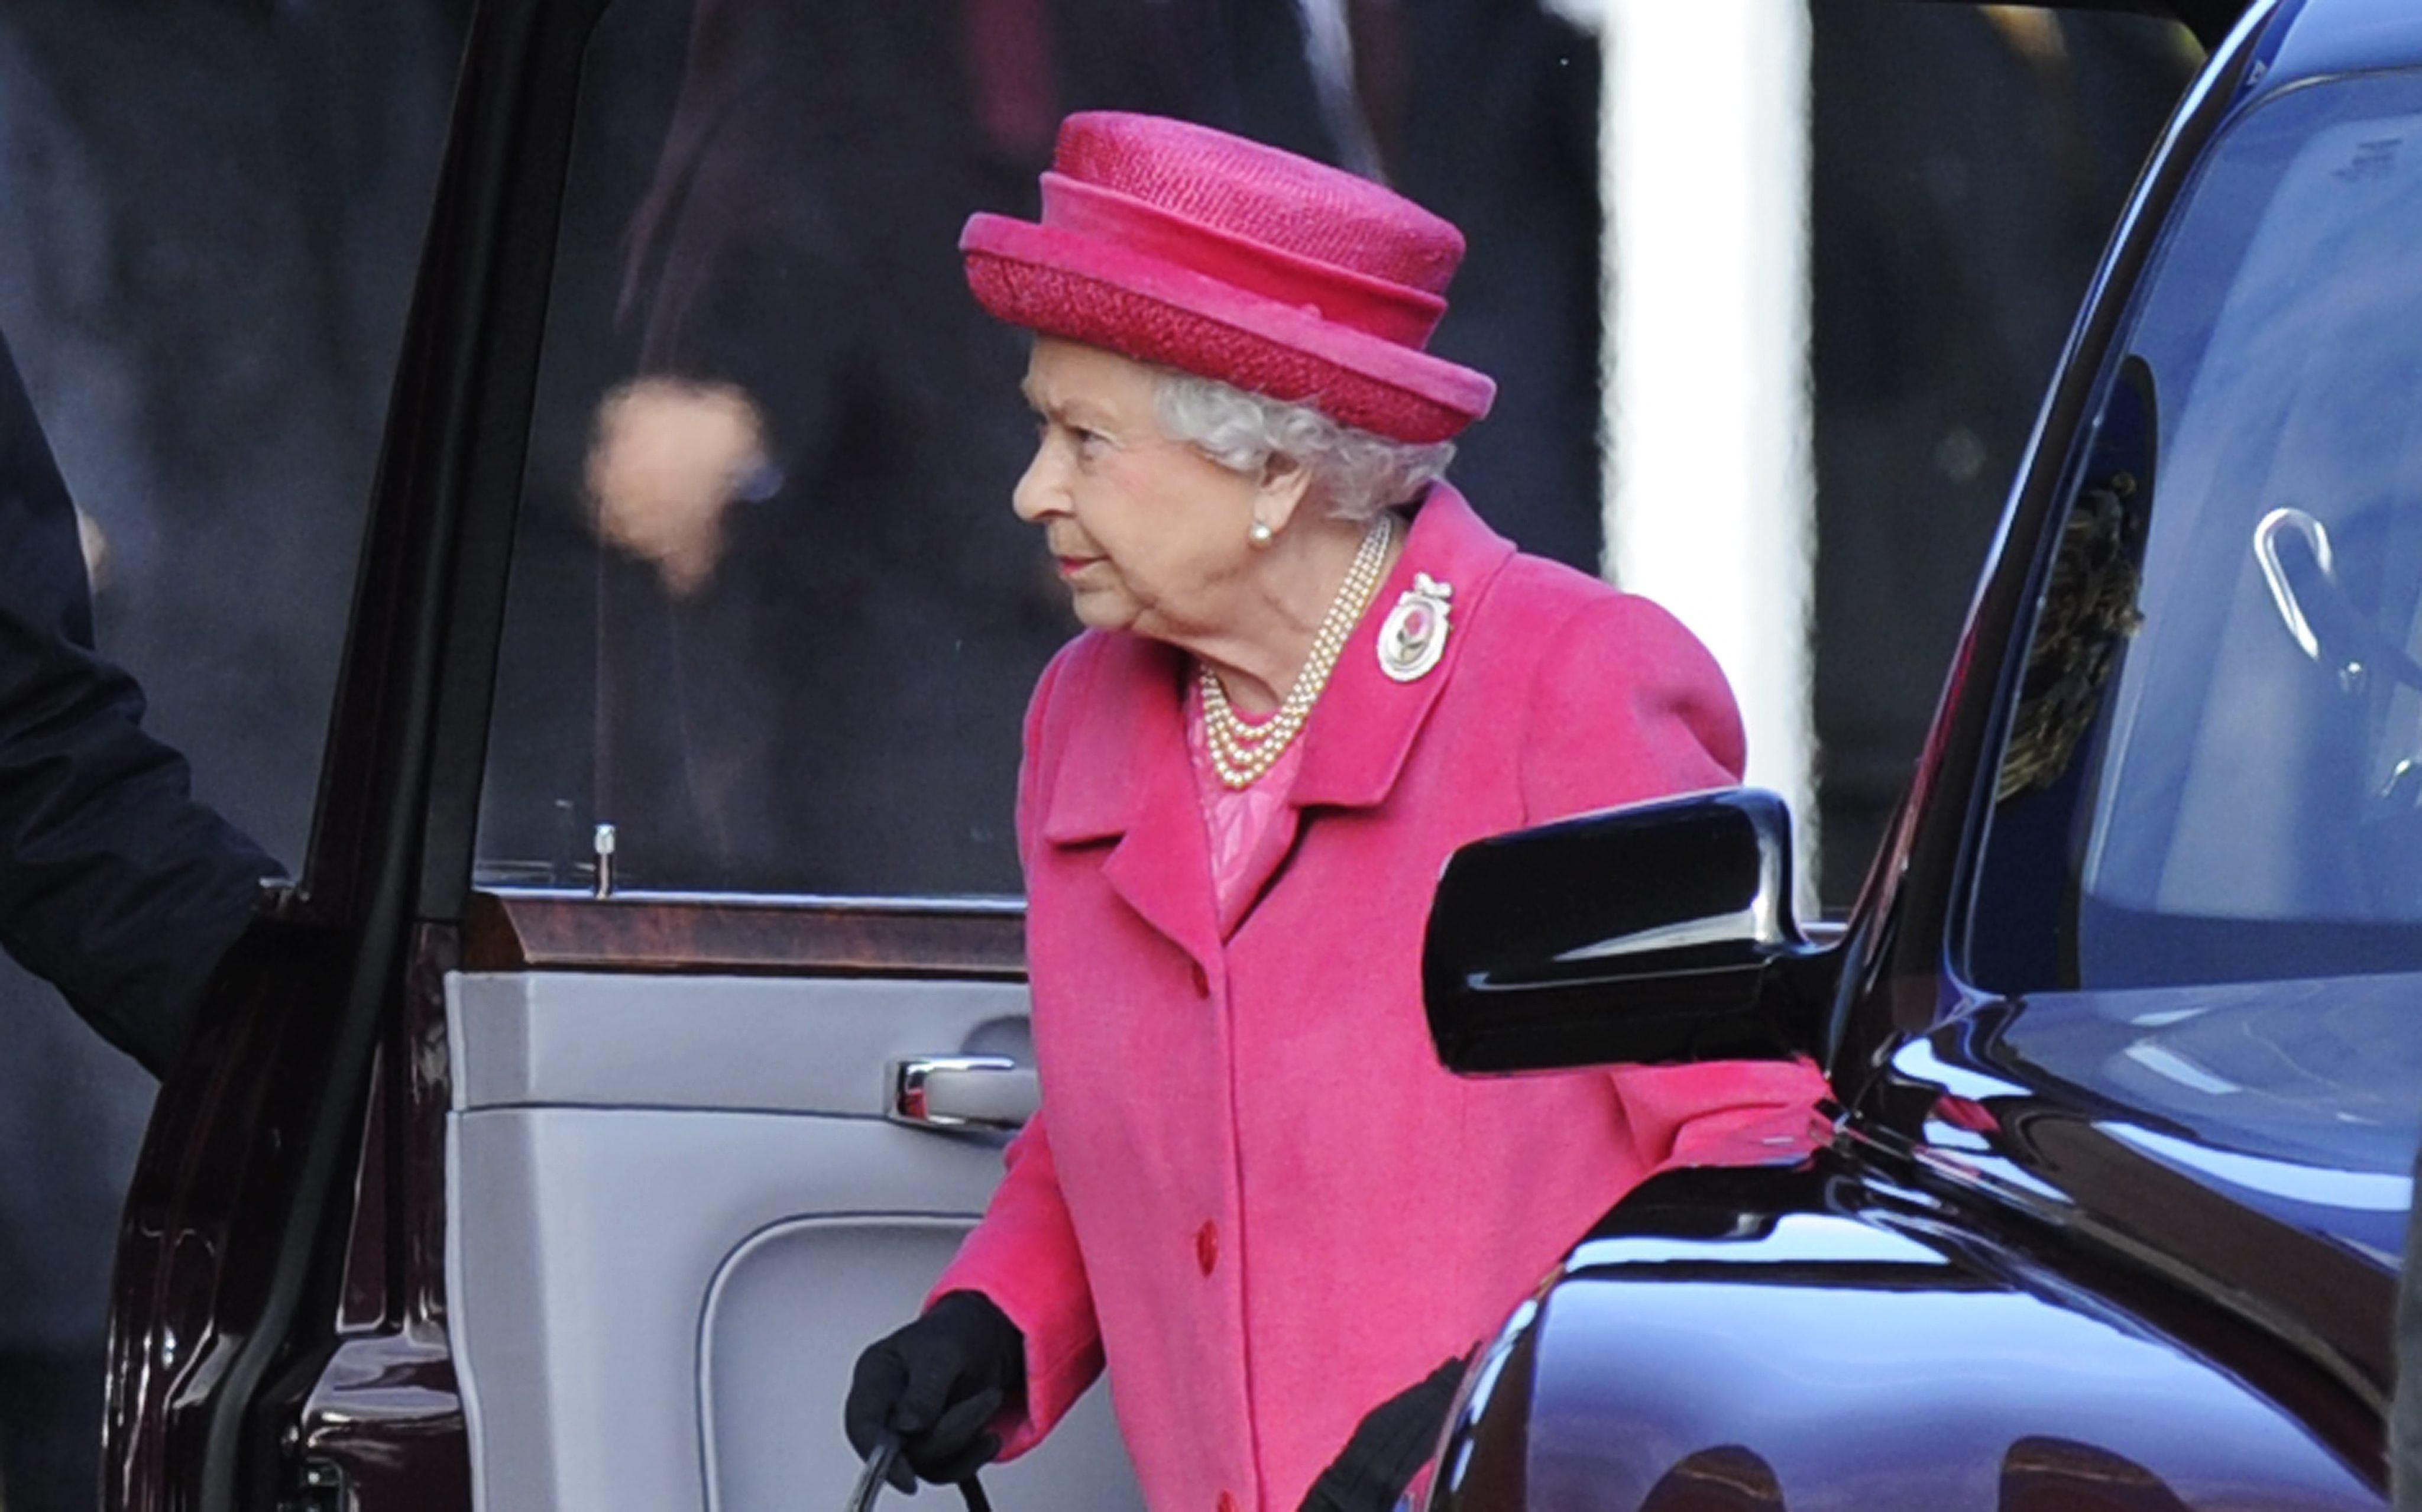 La reina Isabel II invita a la reflexión en su tradicional discurso navideño